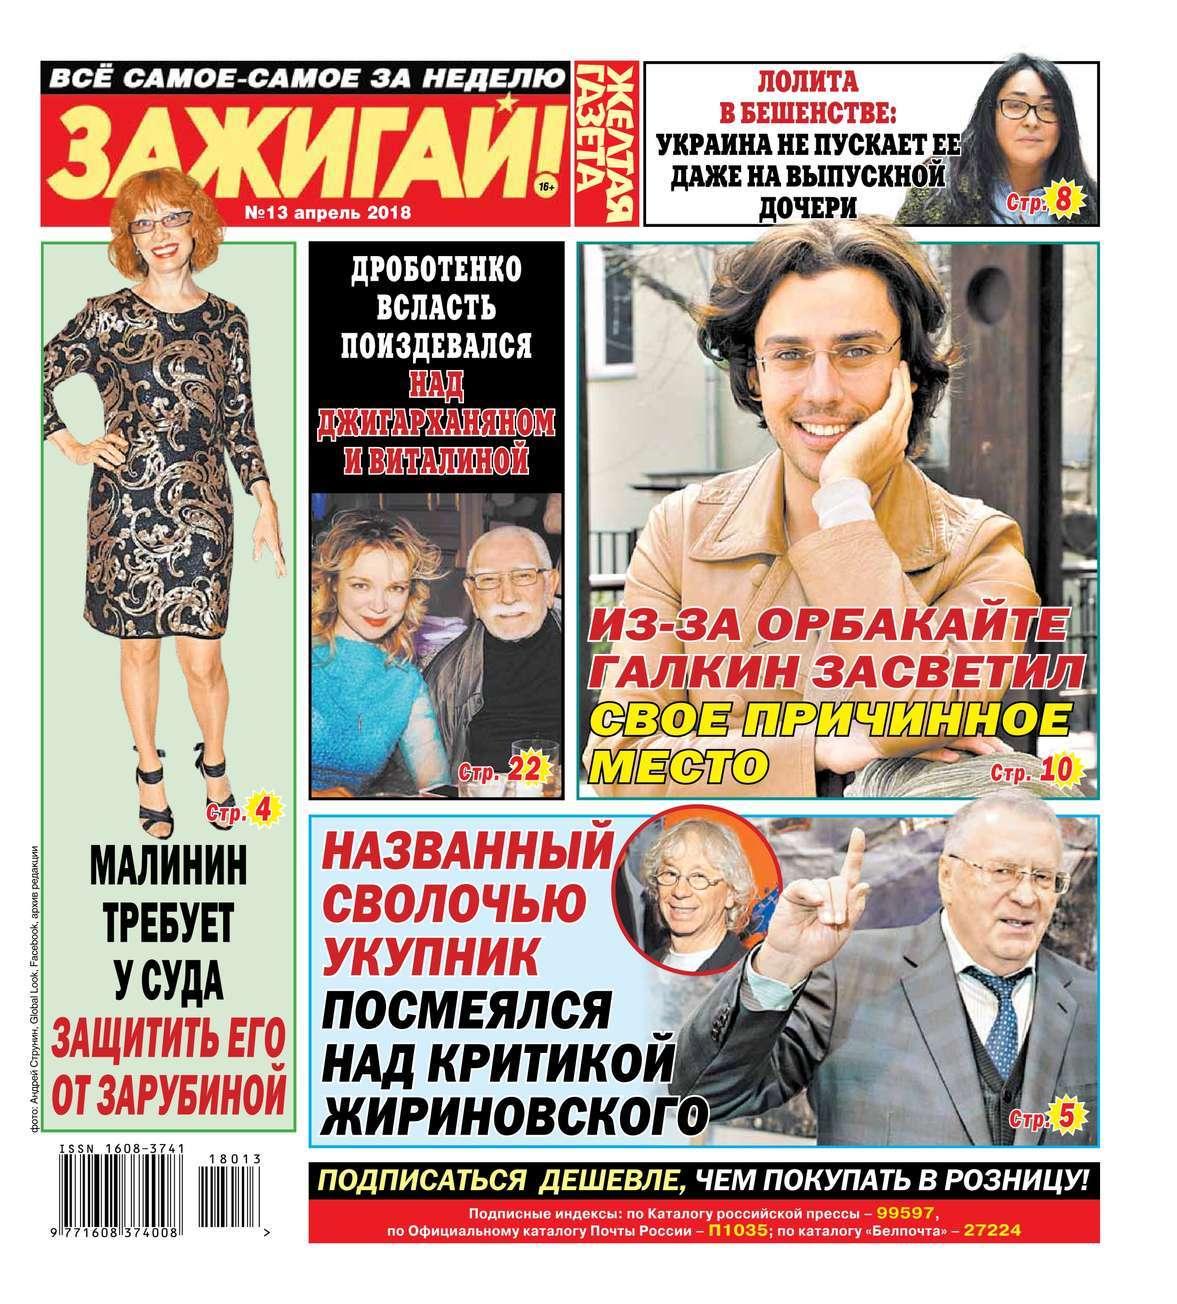 Желтая Газета. Зажигай! 13-2018